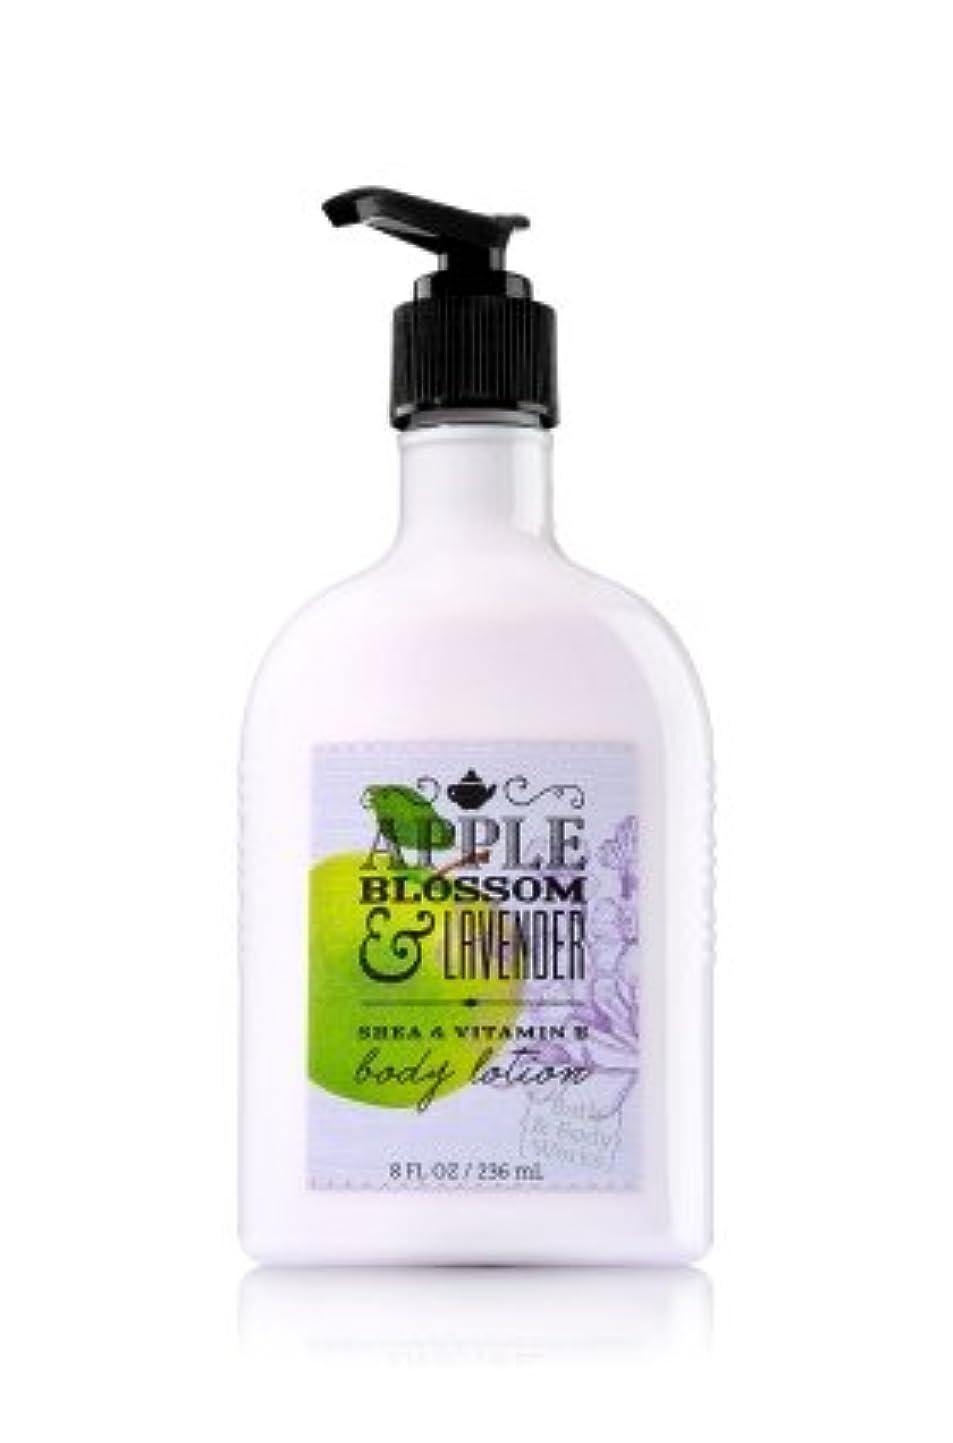 いじめっ子五十西部【Bath&Body Works/バス&ボディワークス】 ボディローション アップルブロッサム&ラベンダー Body Lotion Apple Blossom & Lavender 8 fl oz / 236 mL [並行輸入品]